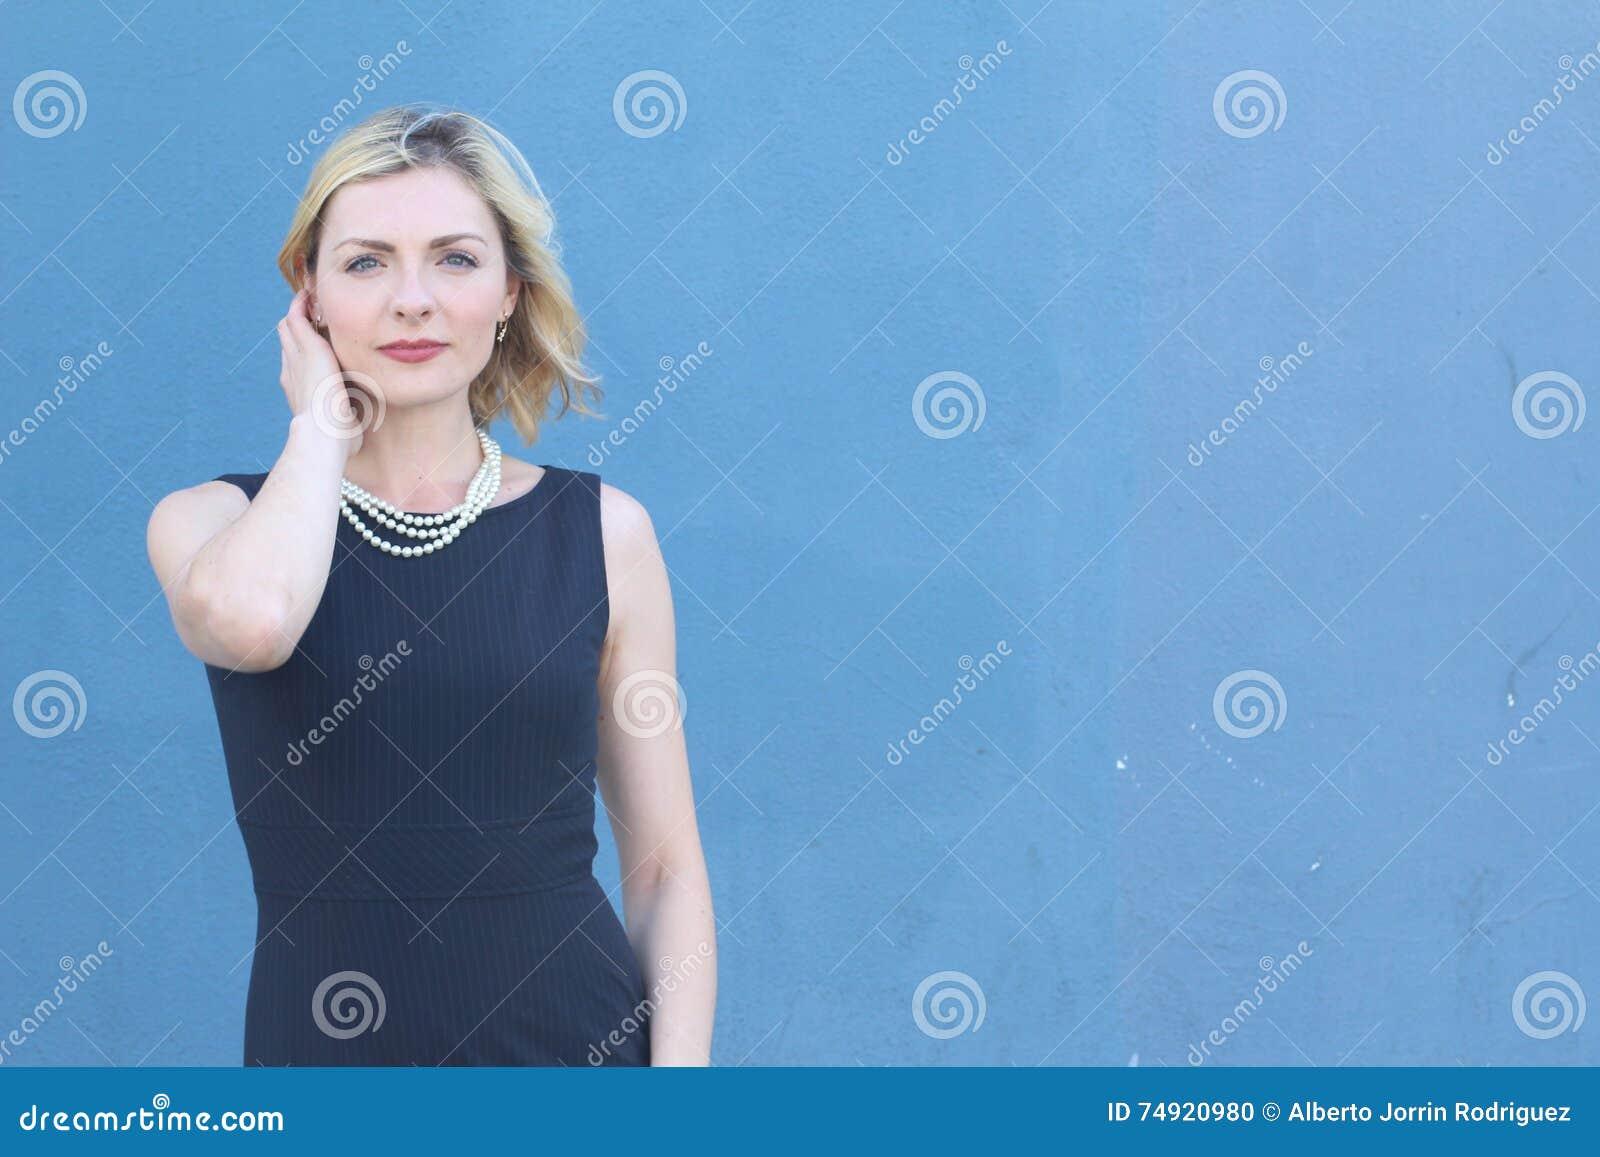 Schöne Junge Frau Im Cocktailkleid Auf Dem Blauen Hintergrund, Der ...